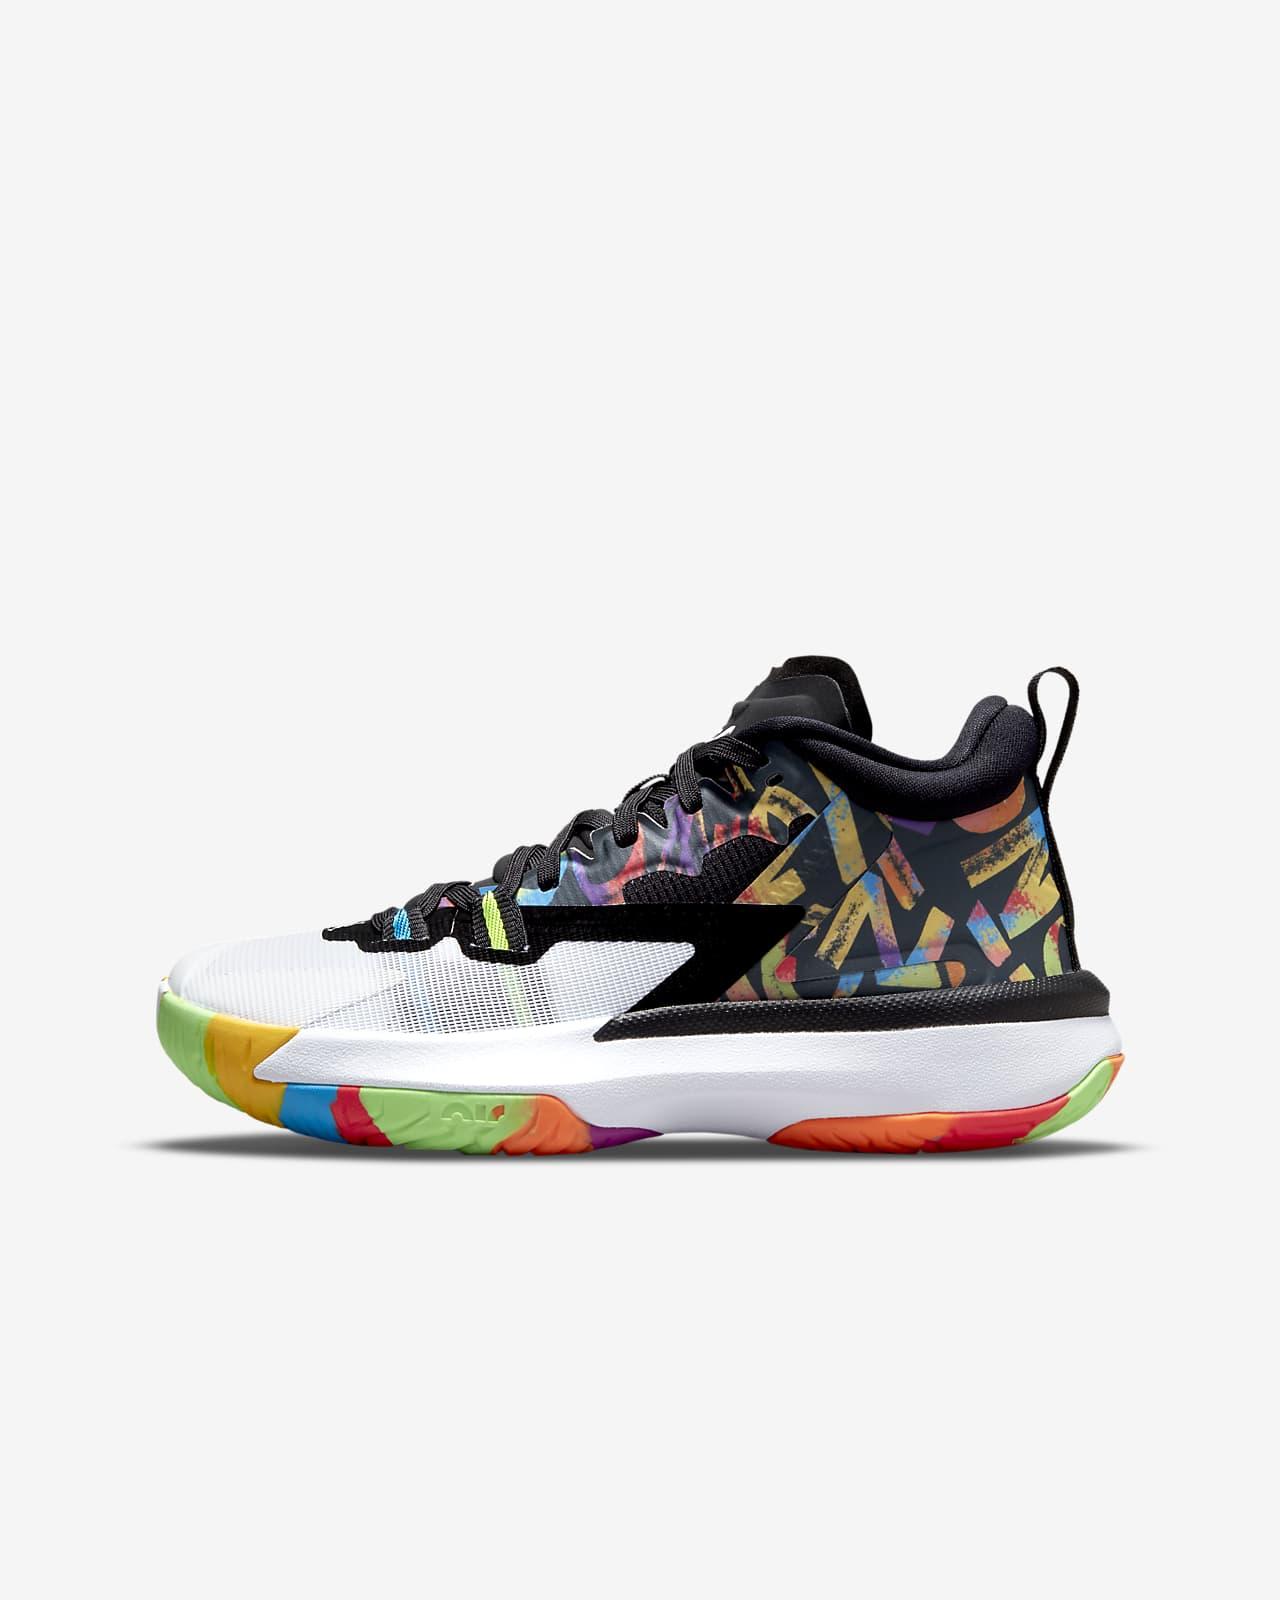 Zion 1 Big Kids' Shoe